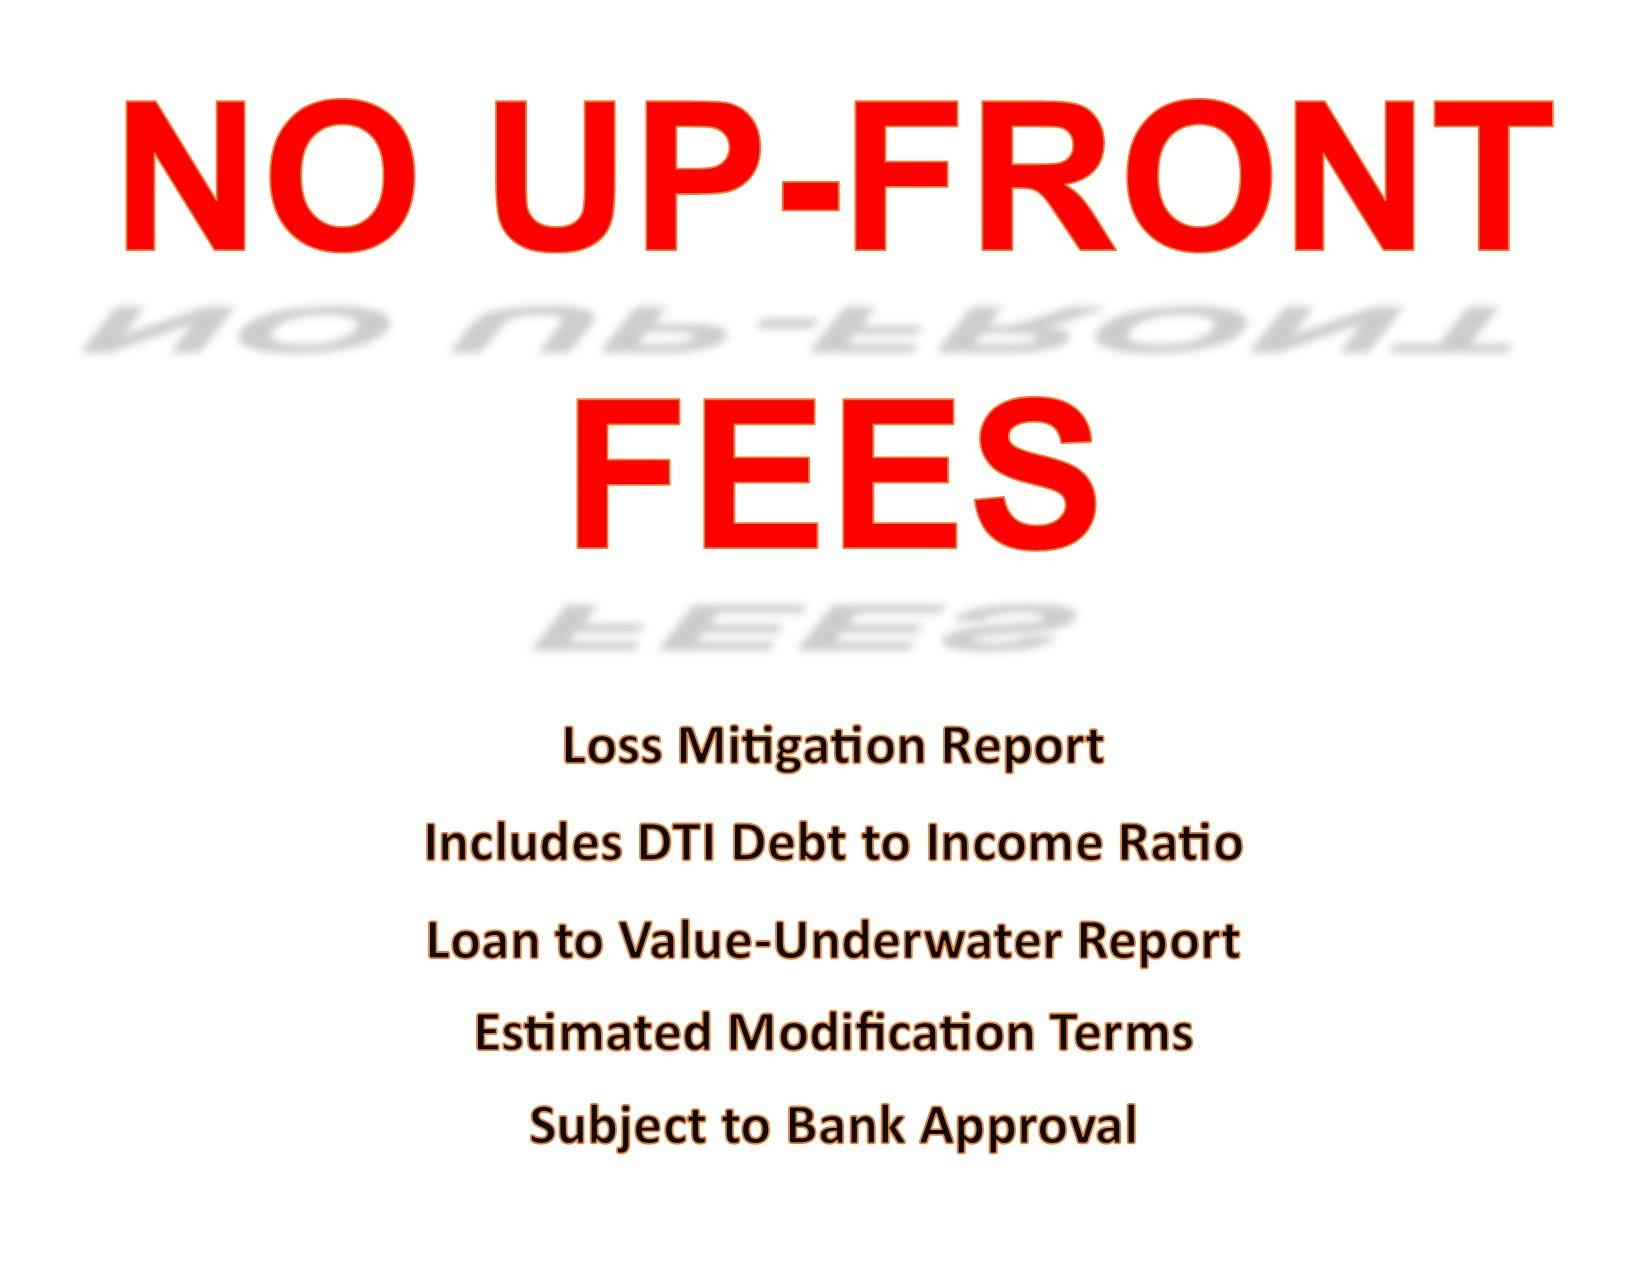 Sample Appeal Letter For Loan Modification Denial